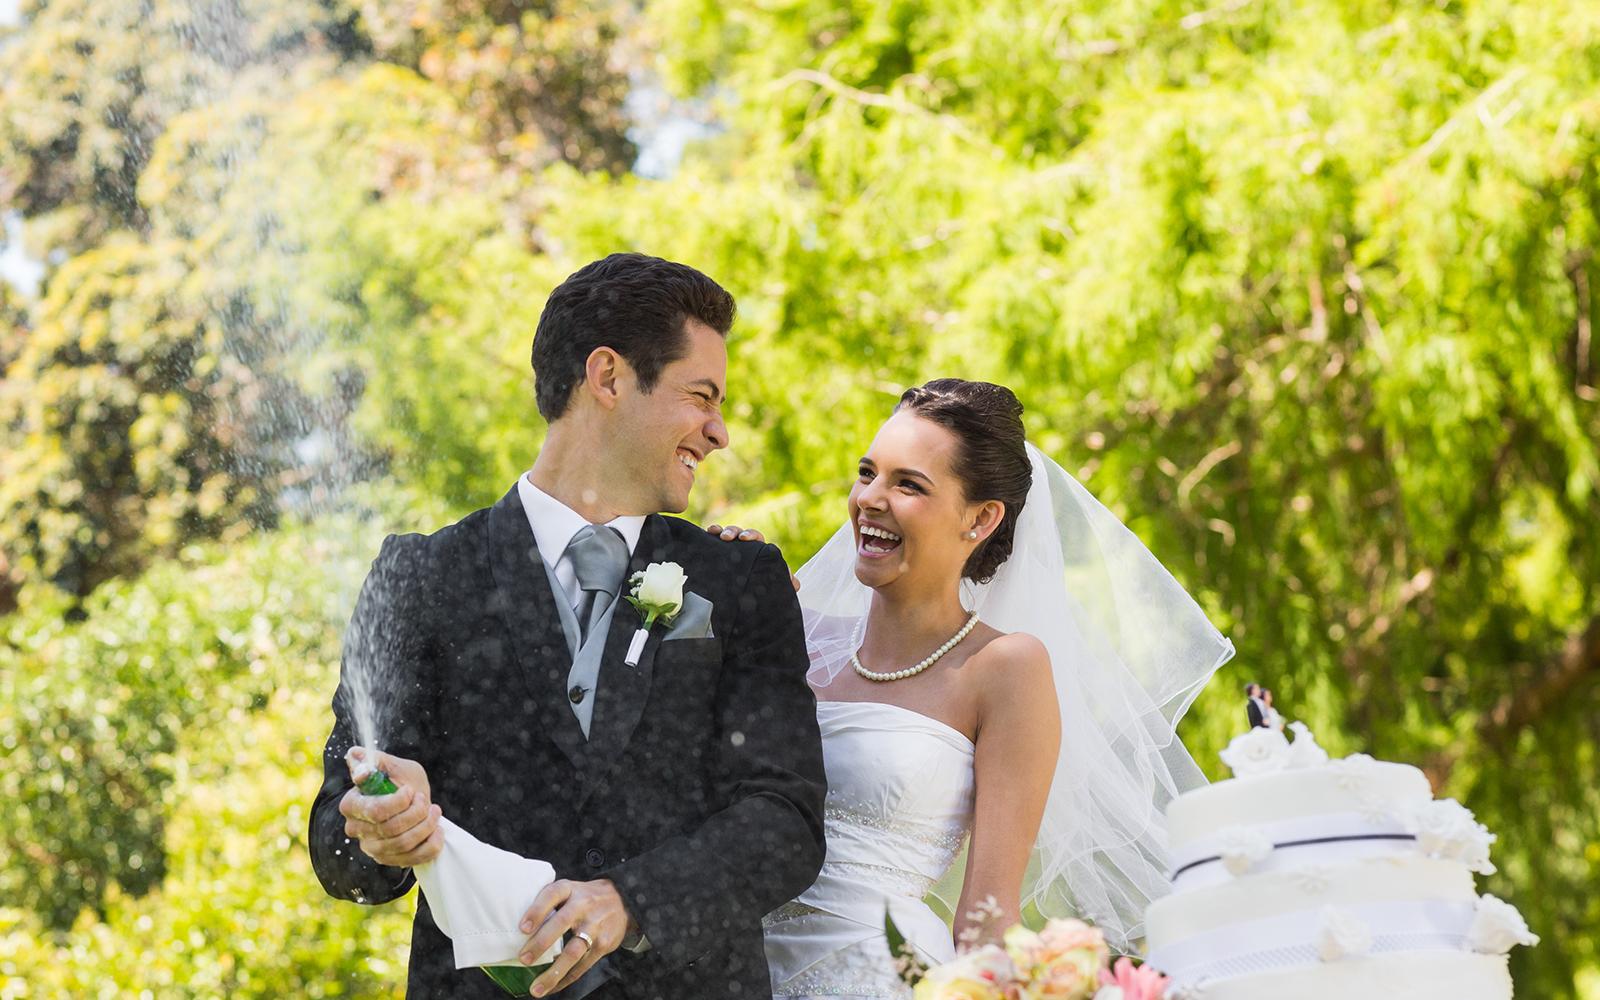 Pembroke Lodge Wedding Prices - Mountain Lake Lodge